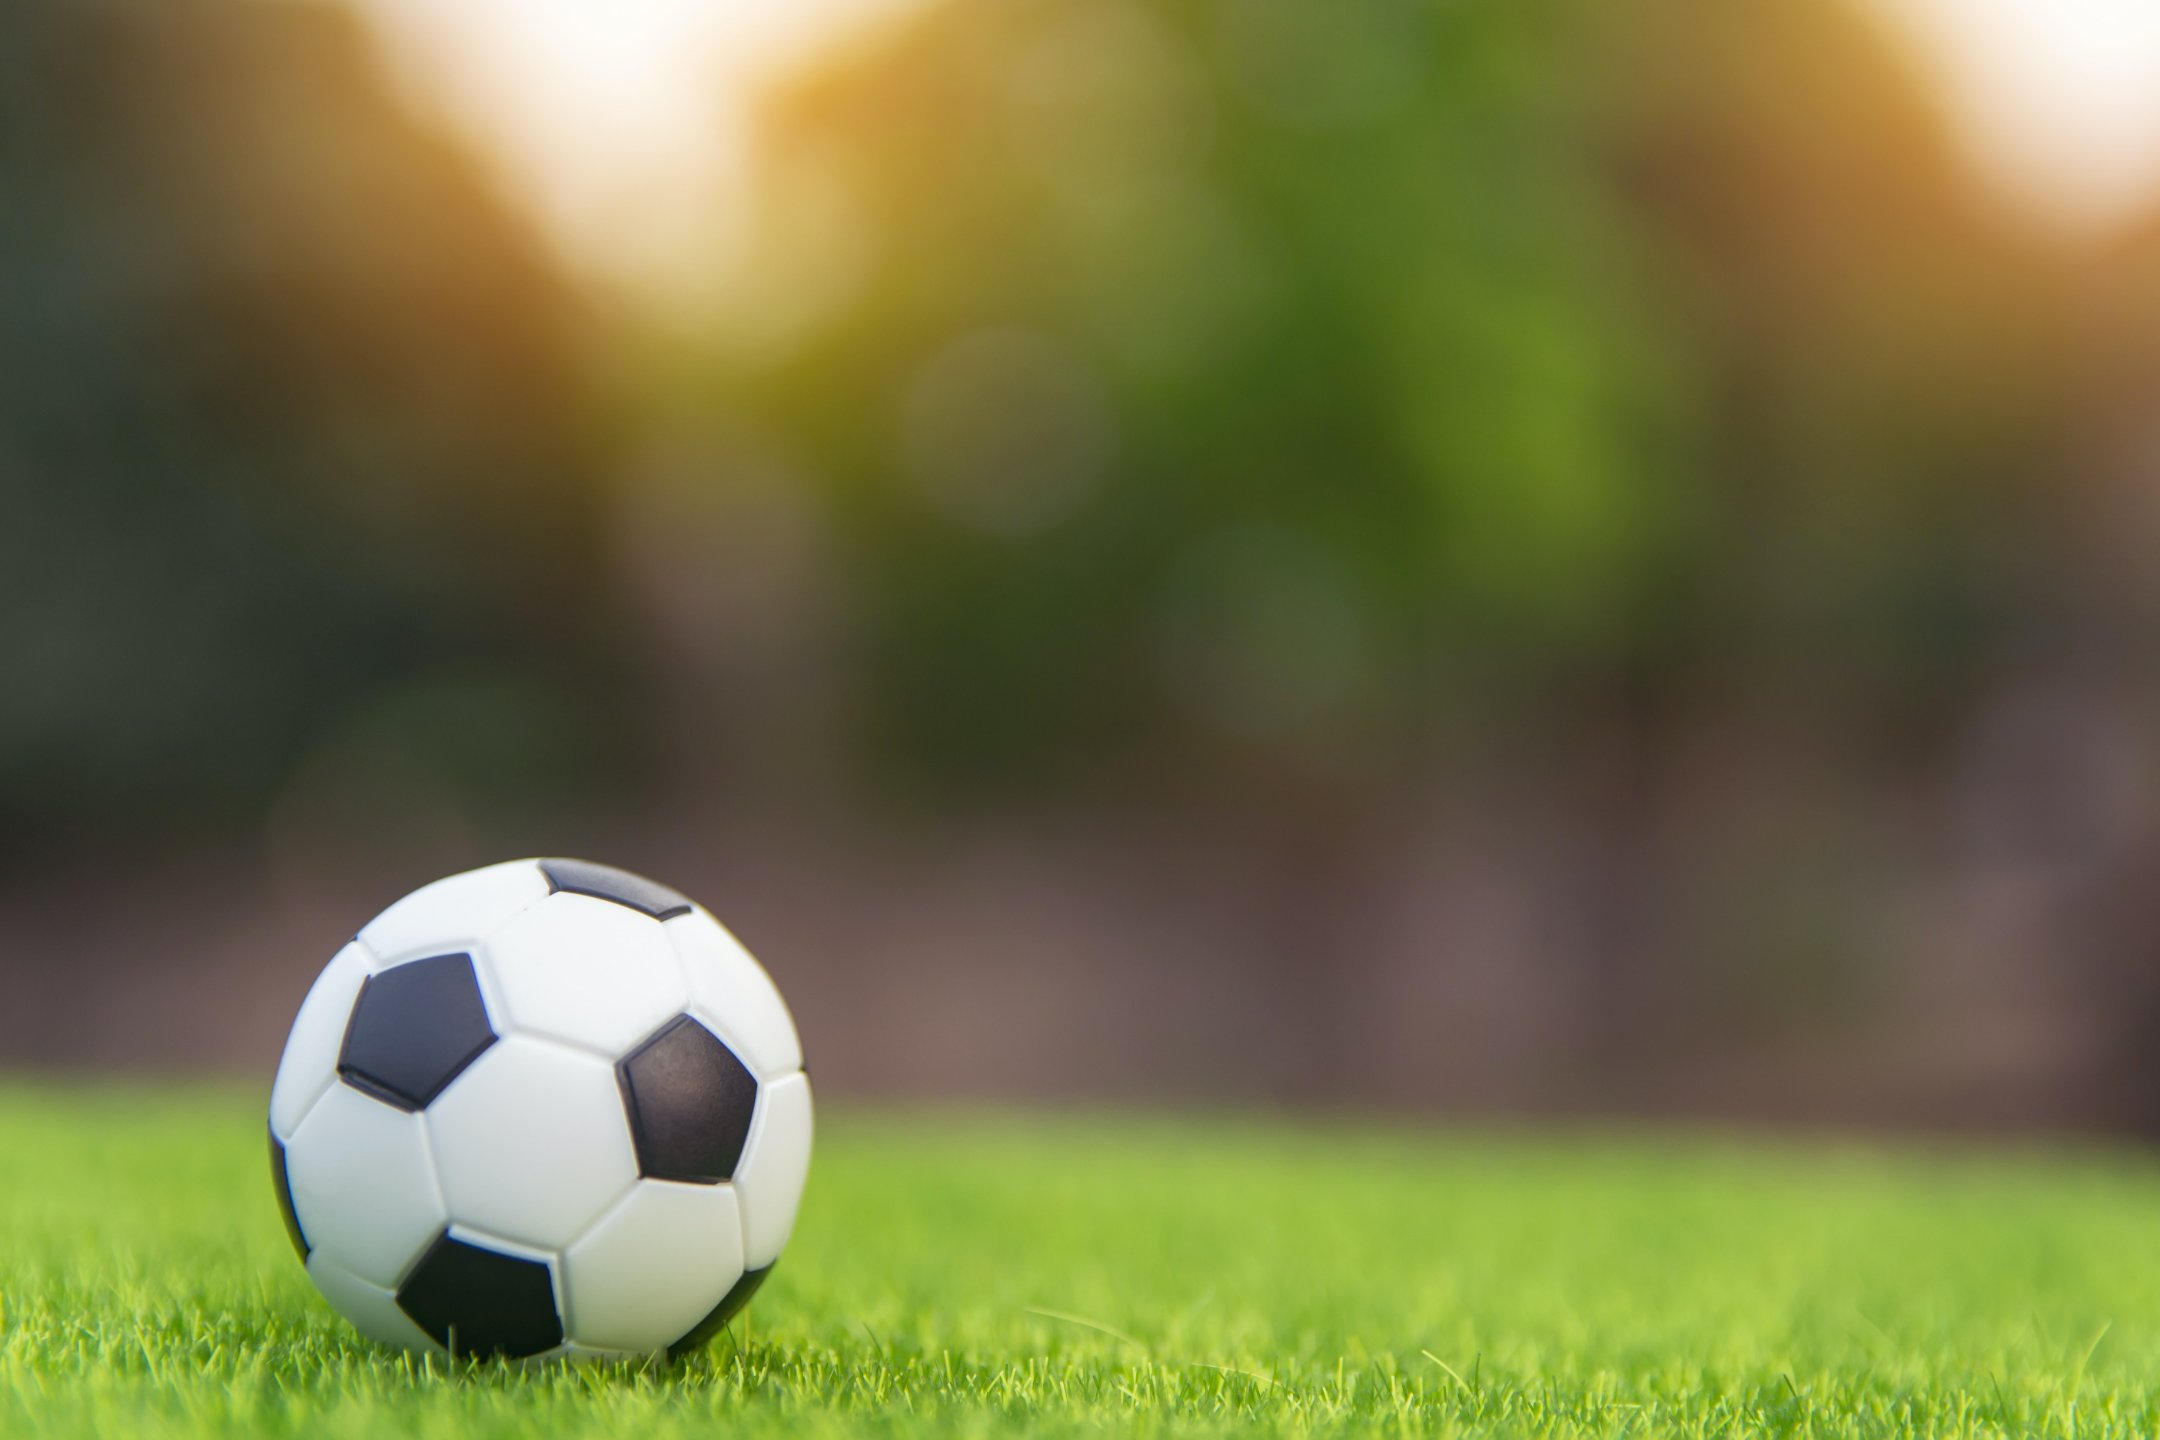 Bola no campo de futebol